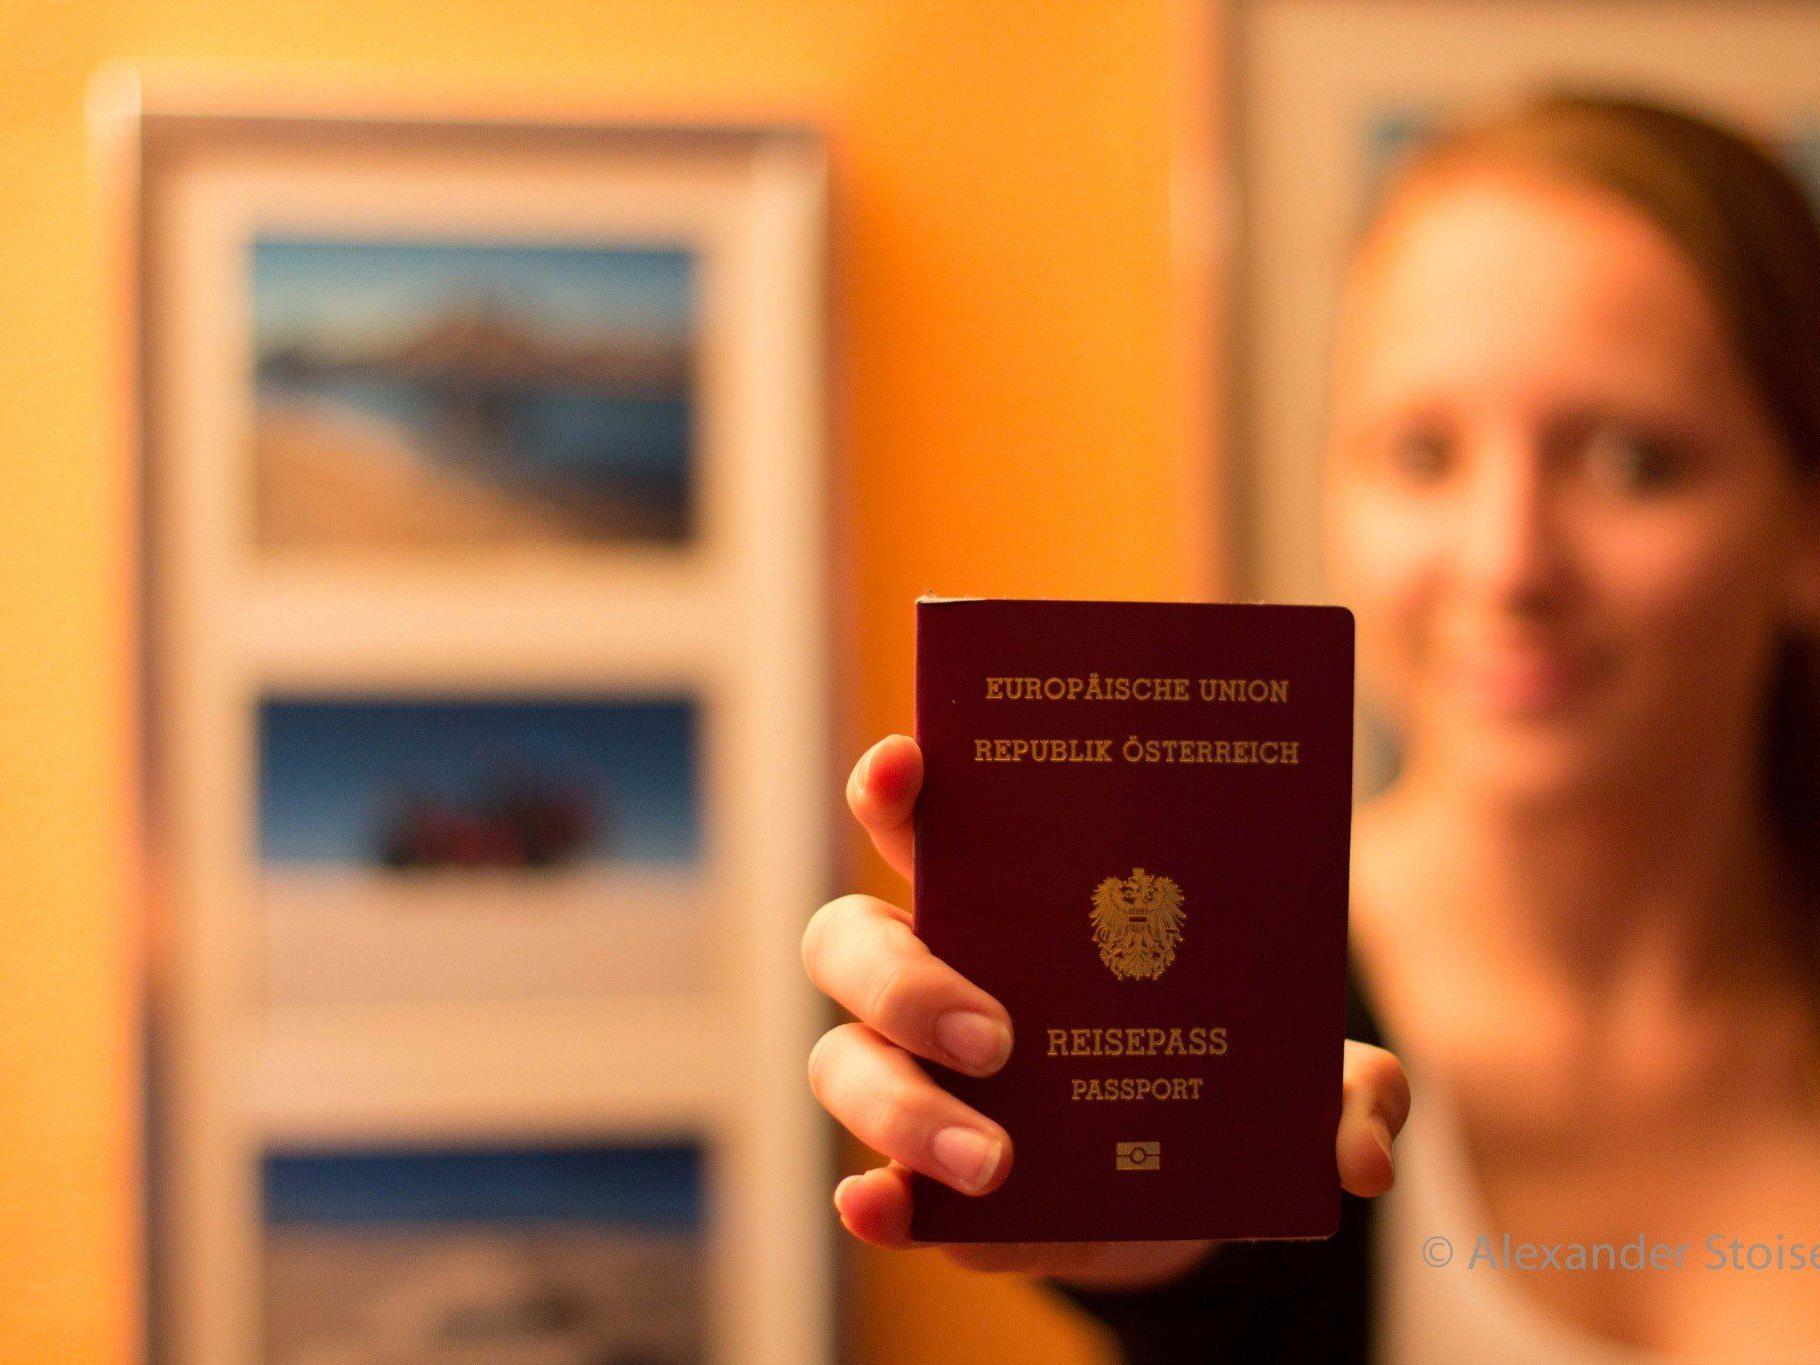 Mit einem gültigen Reisepass steht ungetrübten Urlaubsfreuden nichts mehr im Weg!